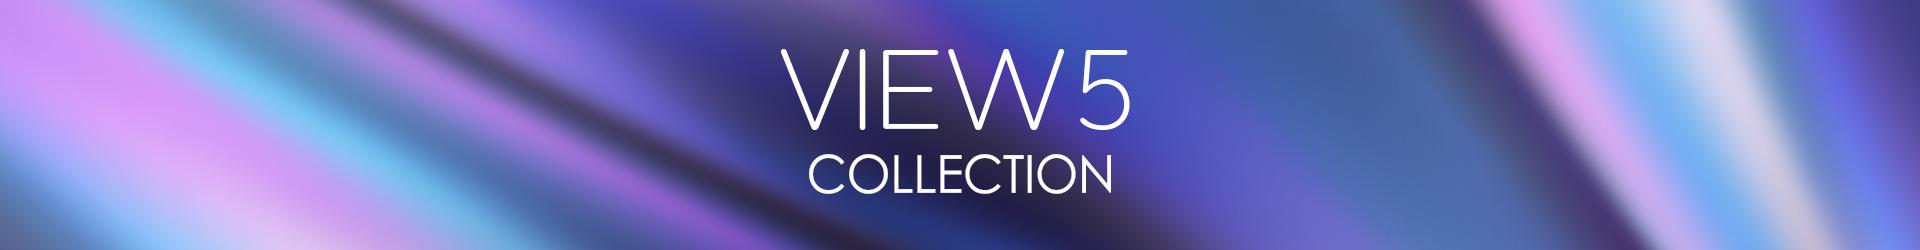 Accessori View5 Collection